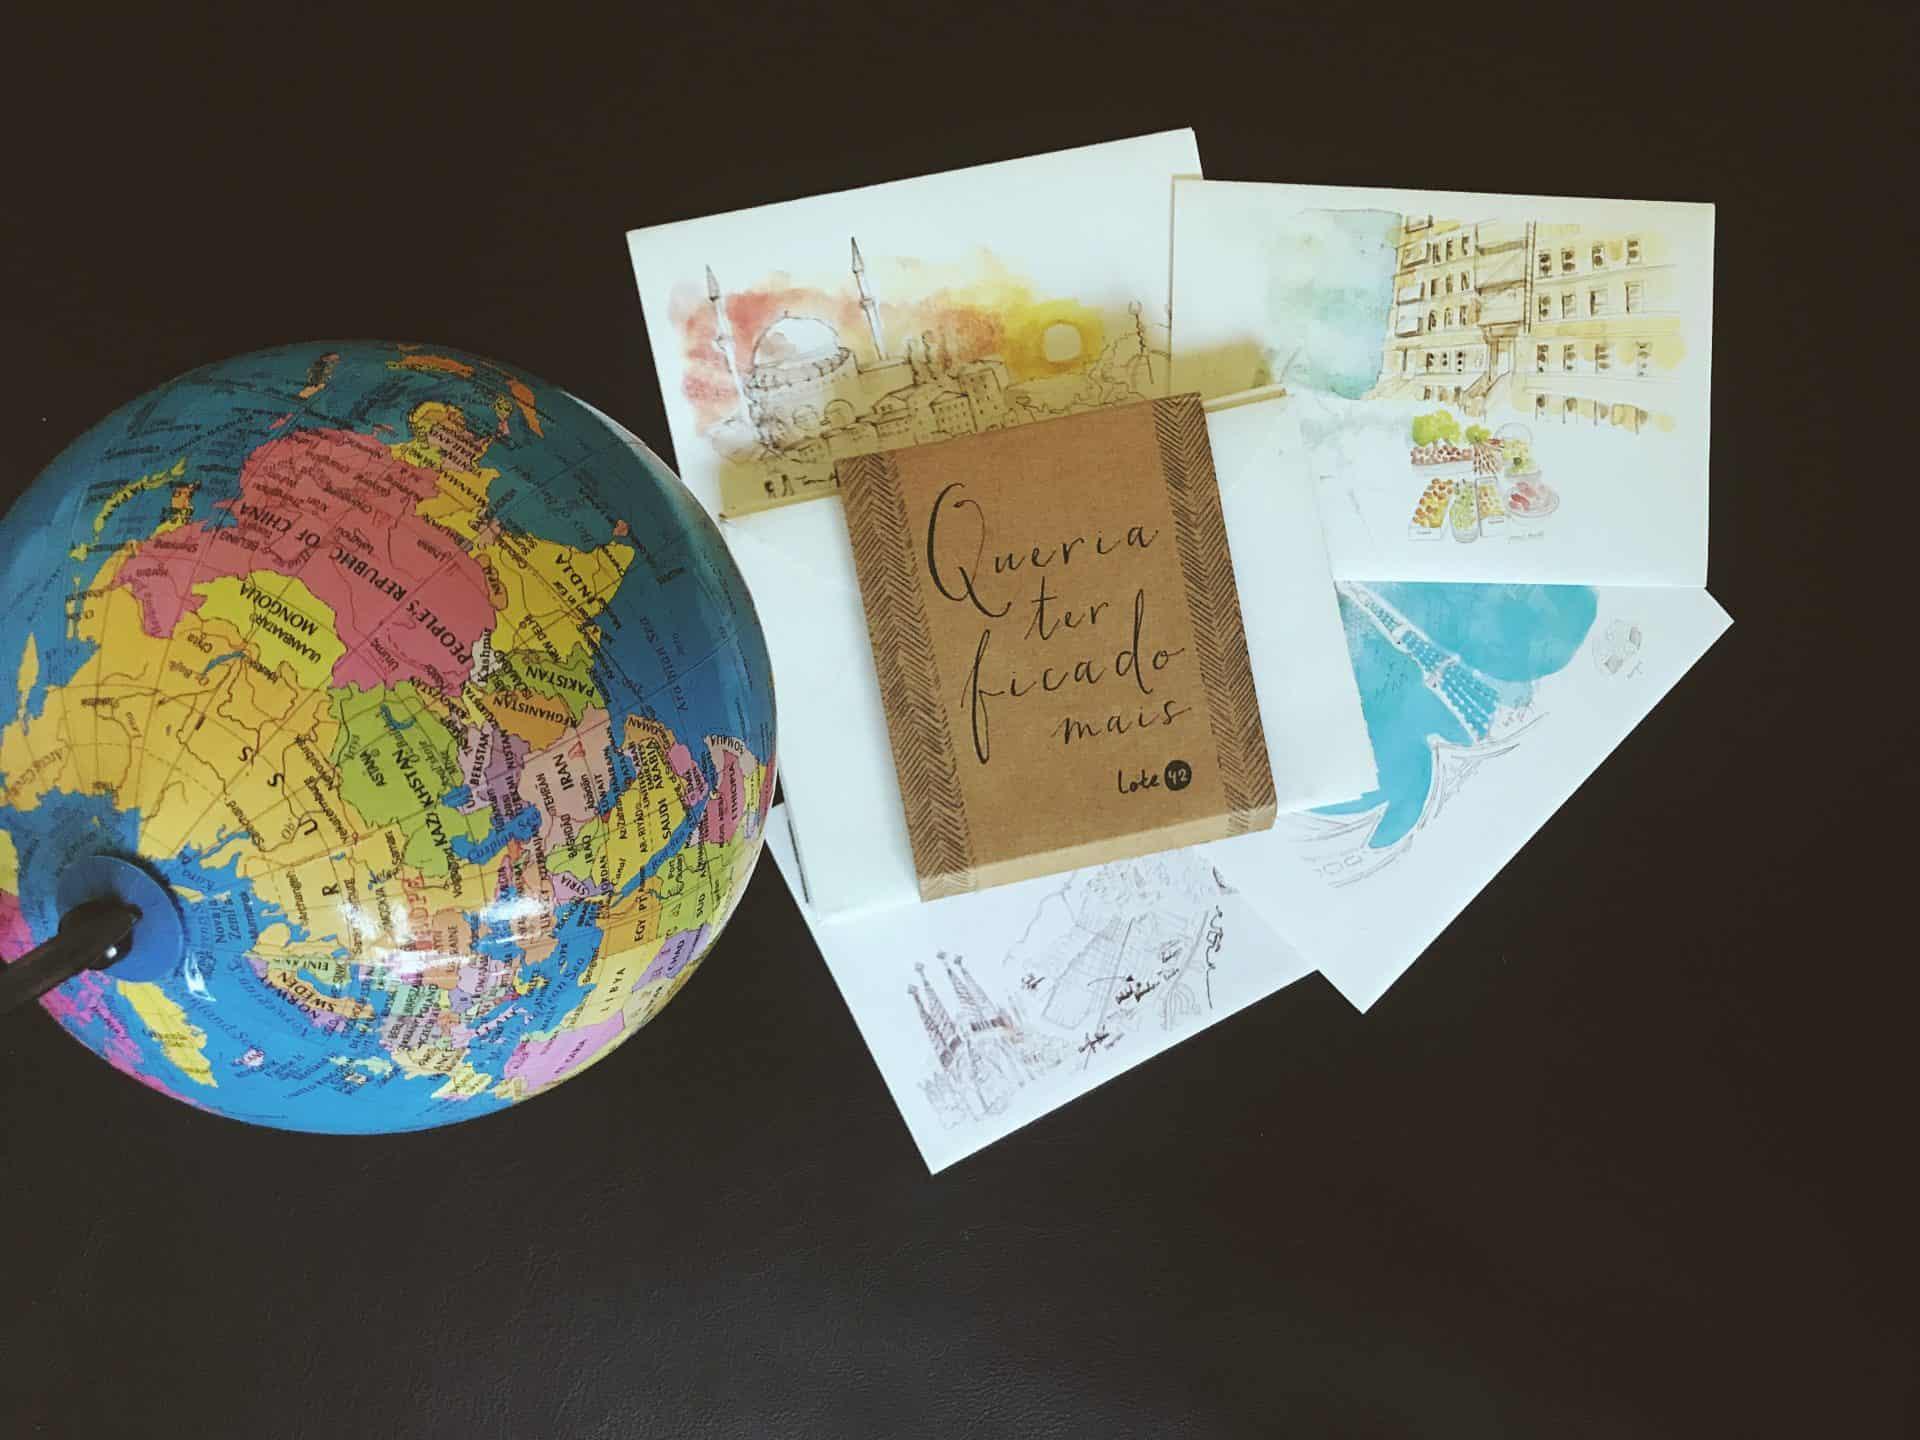 15 livros sobre viagem, amores e sonhos ao redor do mundo